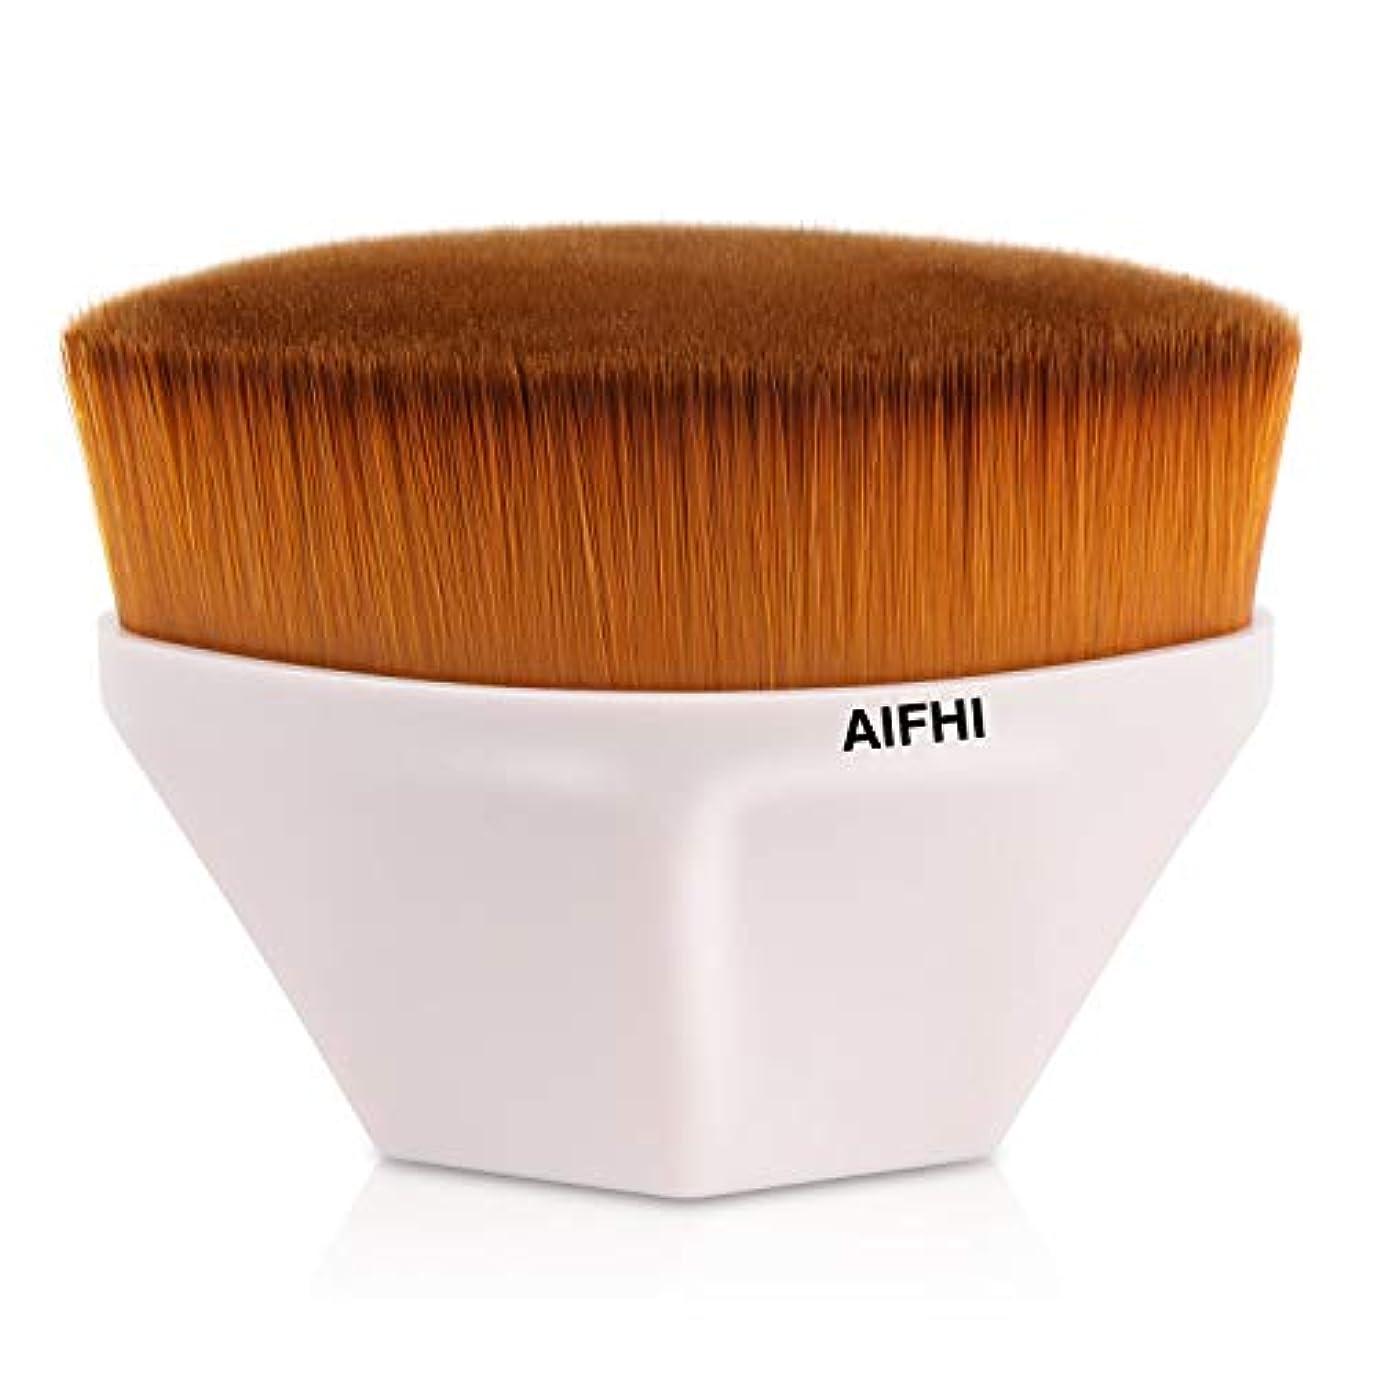 余計な検出器年AIFHI メイクアップブラシ 粧ブラシ 化粧筆 ファンデーションブラシ 肌に優しい 携帯便利 高級のタクロンを使用 (ライトピンク)